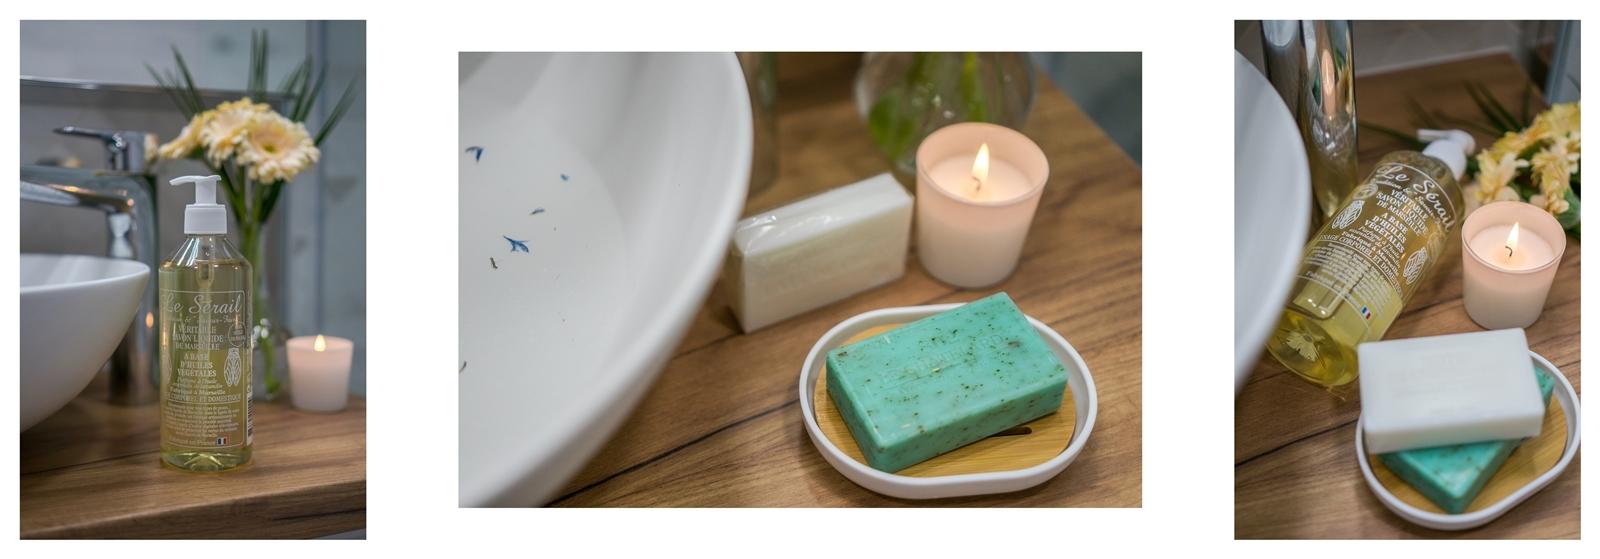 2a naturalne mydła jakie najlepsze mydło dla alergików mydła na trądzik tanie mydła marsylskie z aleppo co to jest mydło naturalne jakich składników unikać w mydle mydło w płynie czy mydło w kostce